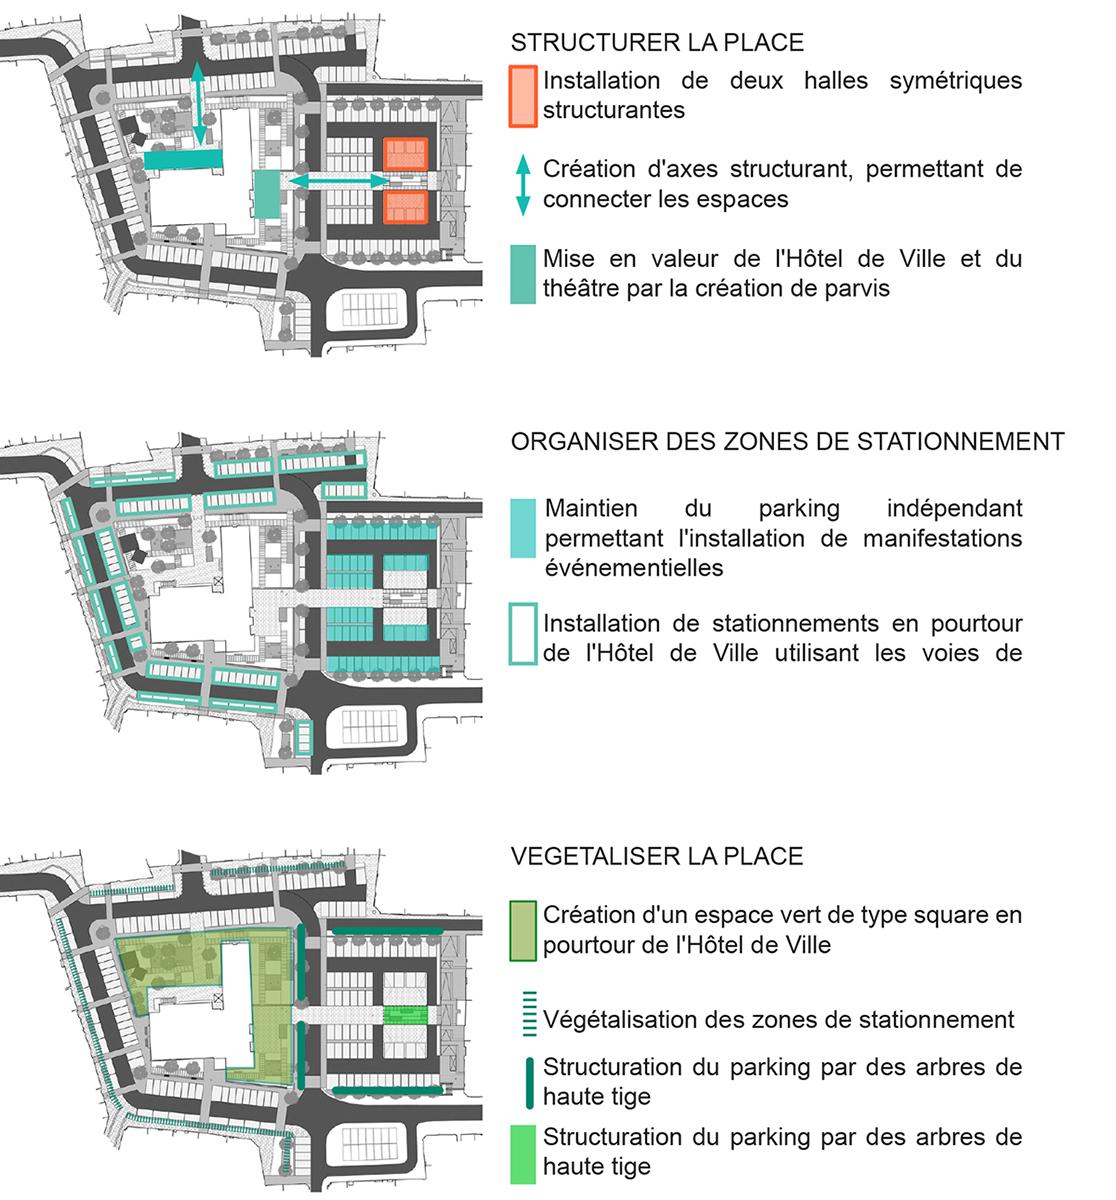 atelier-de-saint-georges_architecture_Reamenagement-de-la-place-du-Général-de-Gaulle-et-des-abords _Duclair(1)